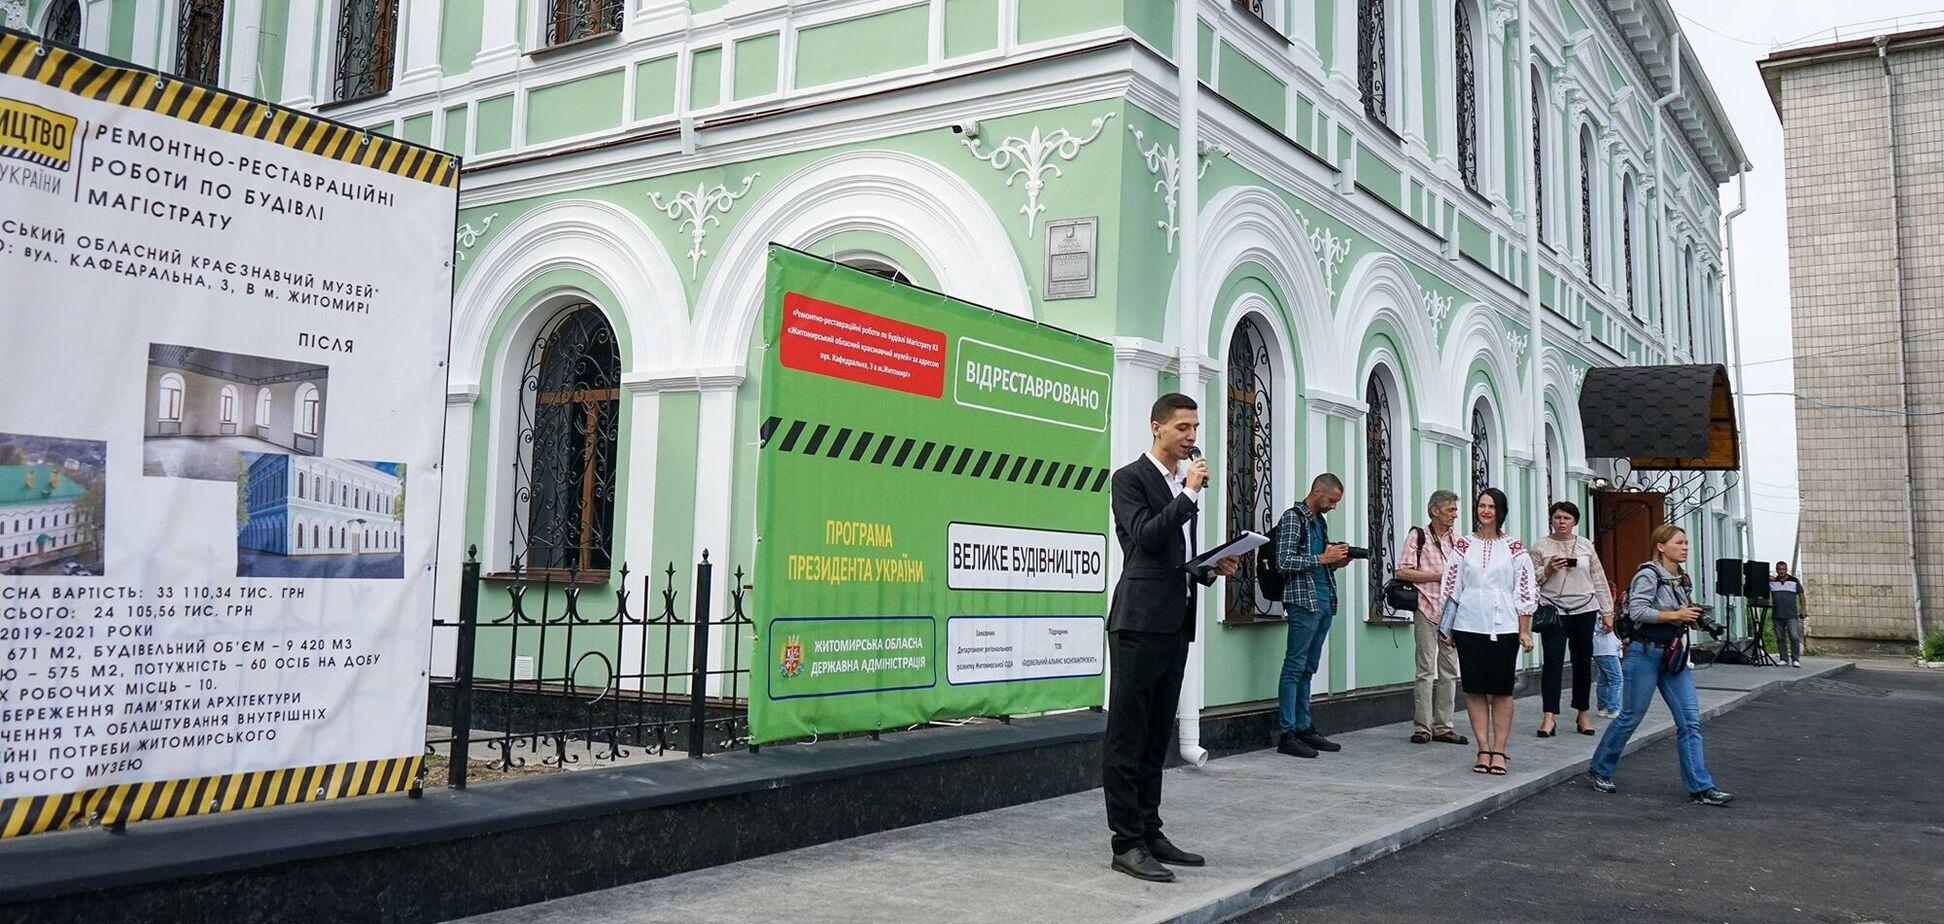 У Житомирі відреставрували Магістрат за програмою Зеленського 'Велике будівництво'